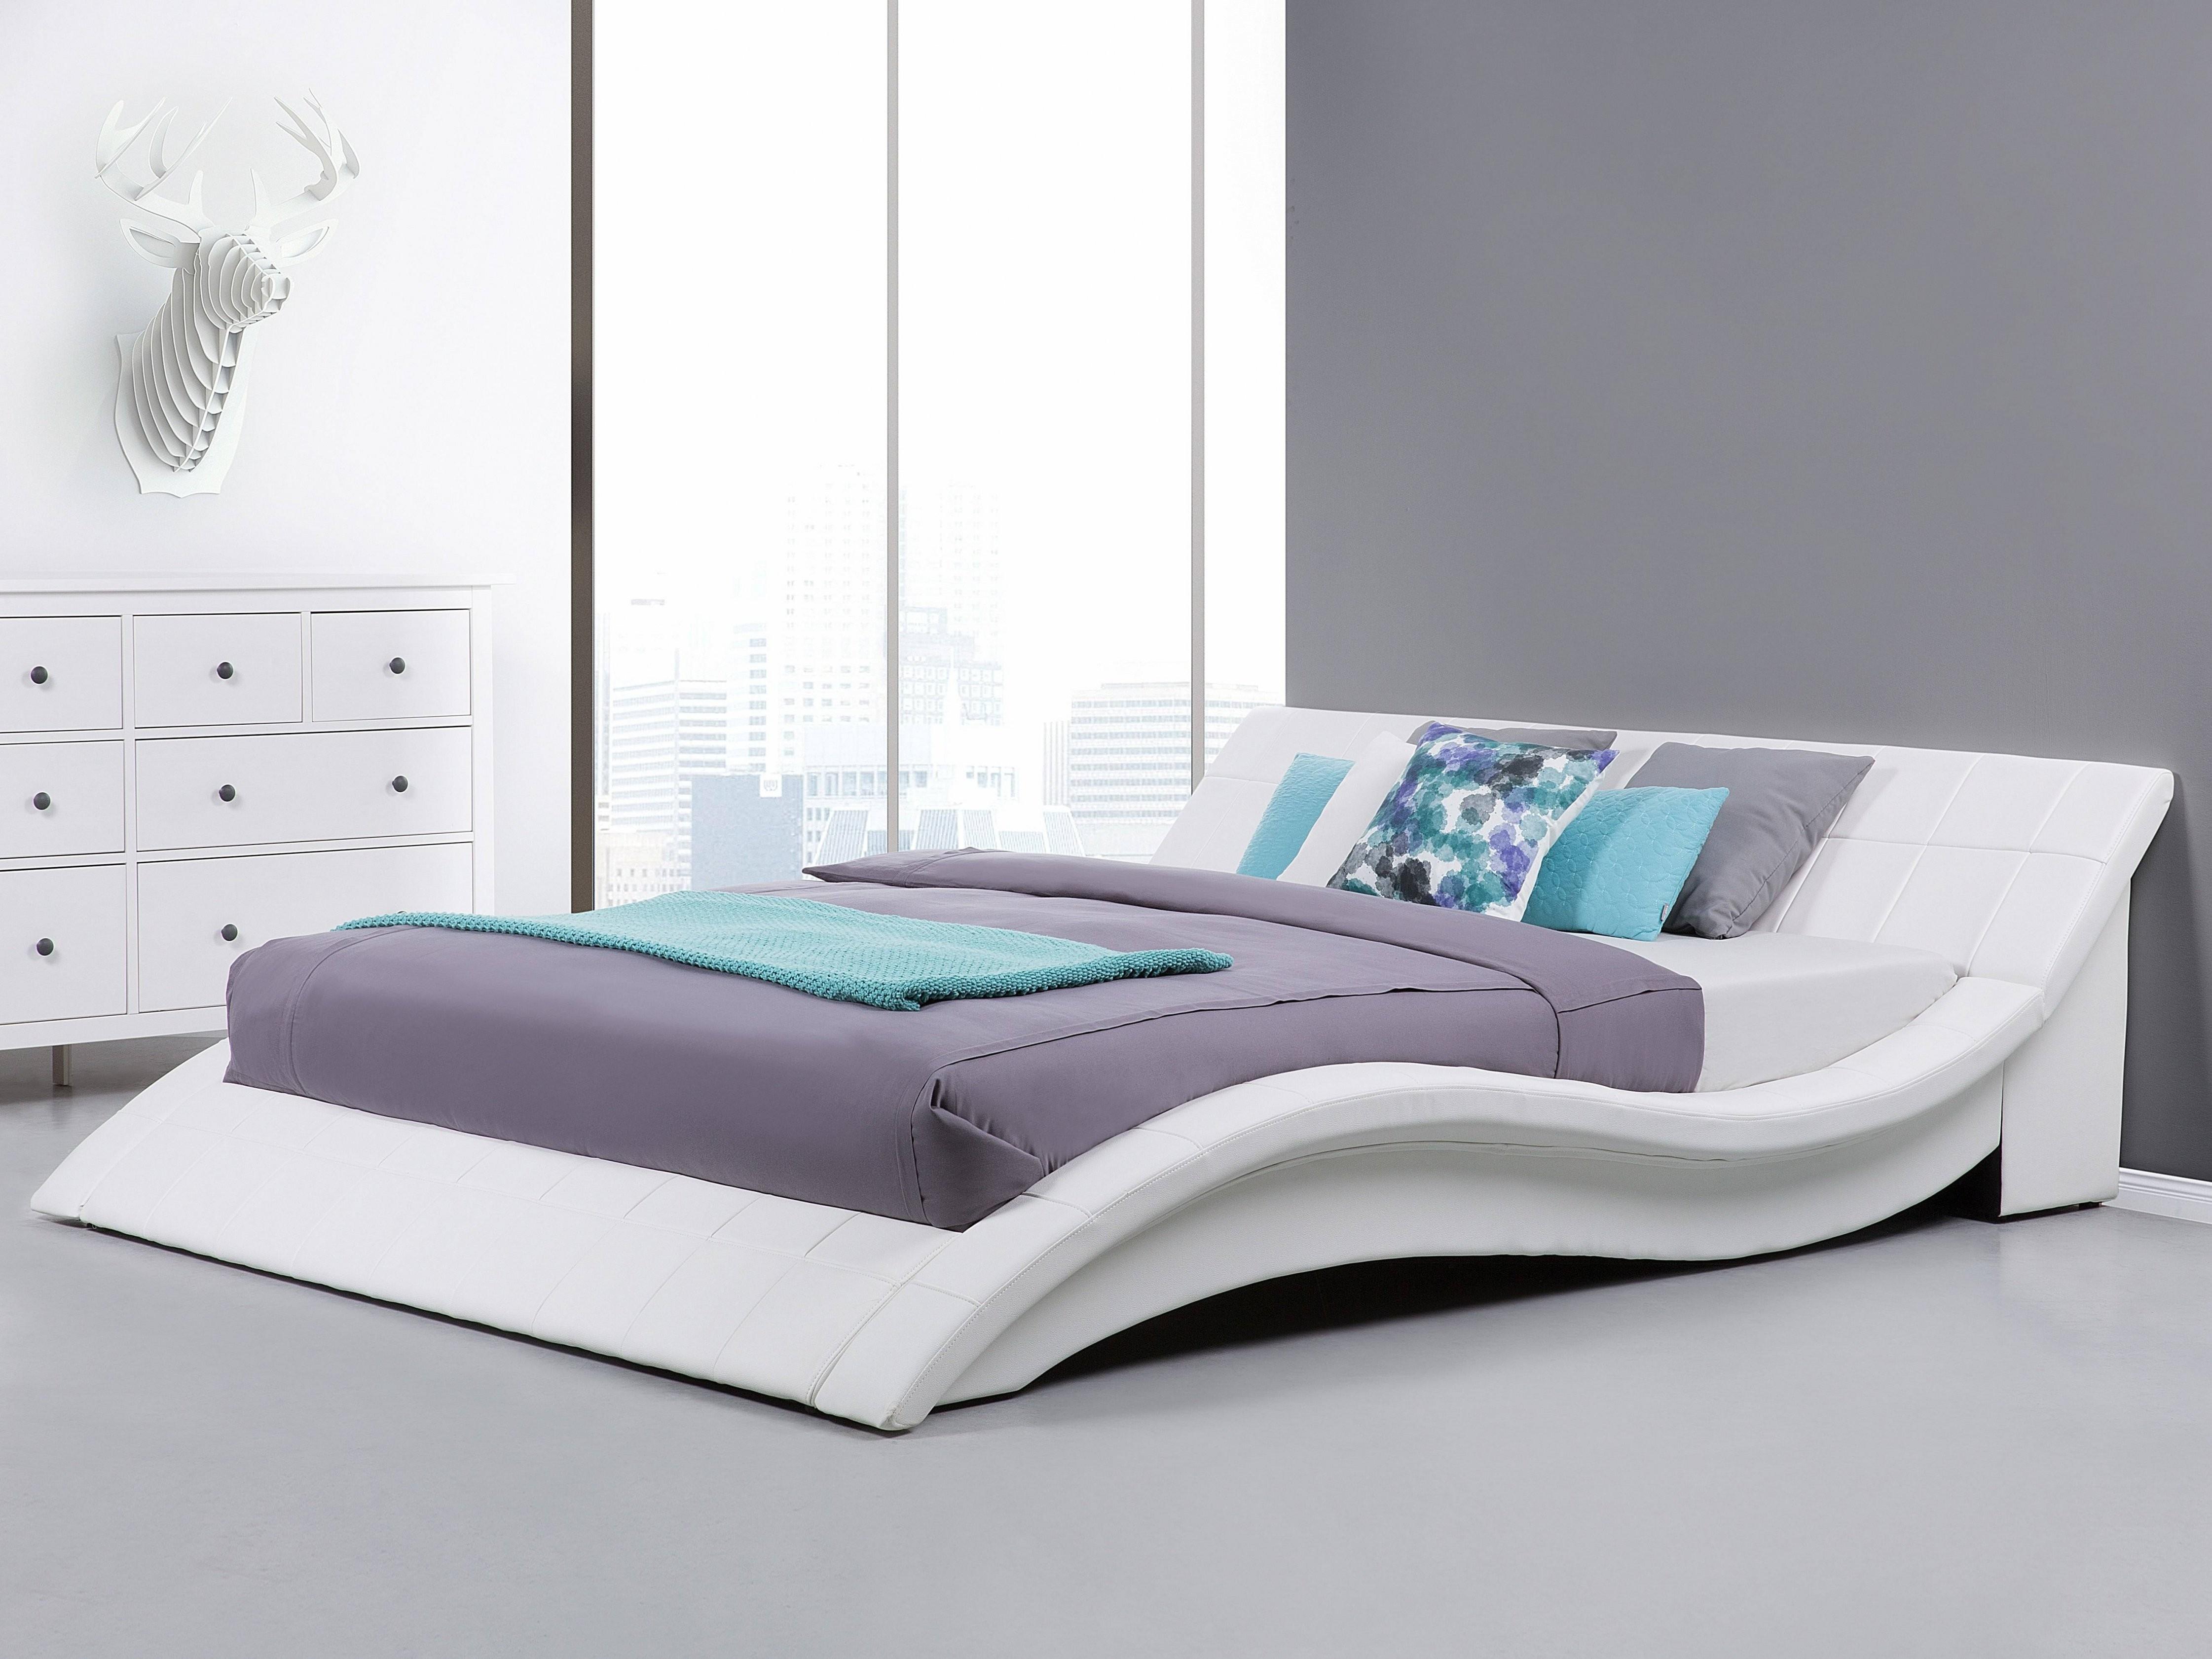 Bett 140×200 Weiß Mit Lattenrost Luxus Bett 140×200 Mit Lattenrost von Bett 140X200 Weiß Mit Lattenrost Und Matratze Günstig Bild